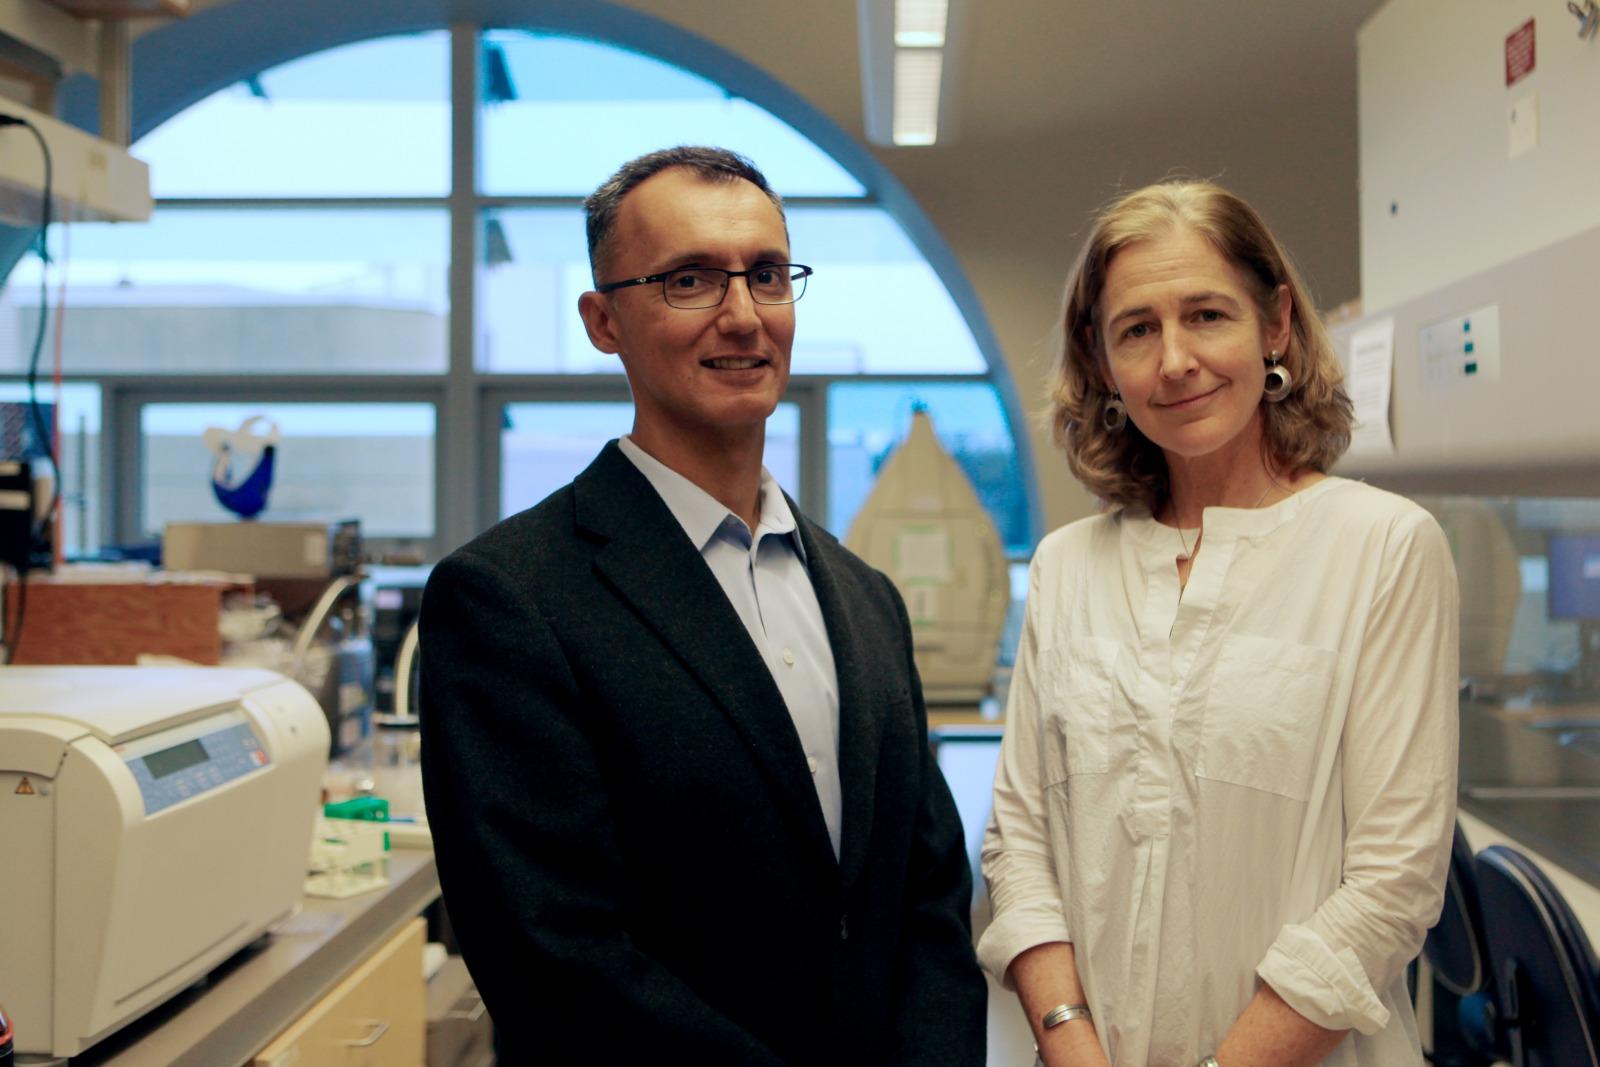 Drs Karsan and McAlpine